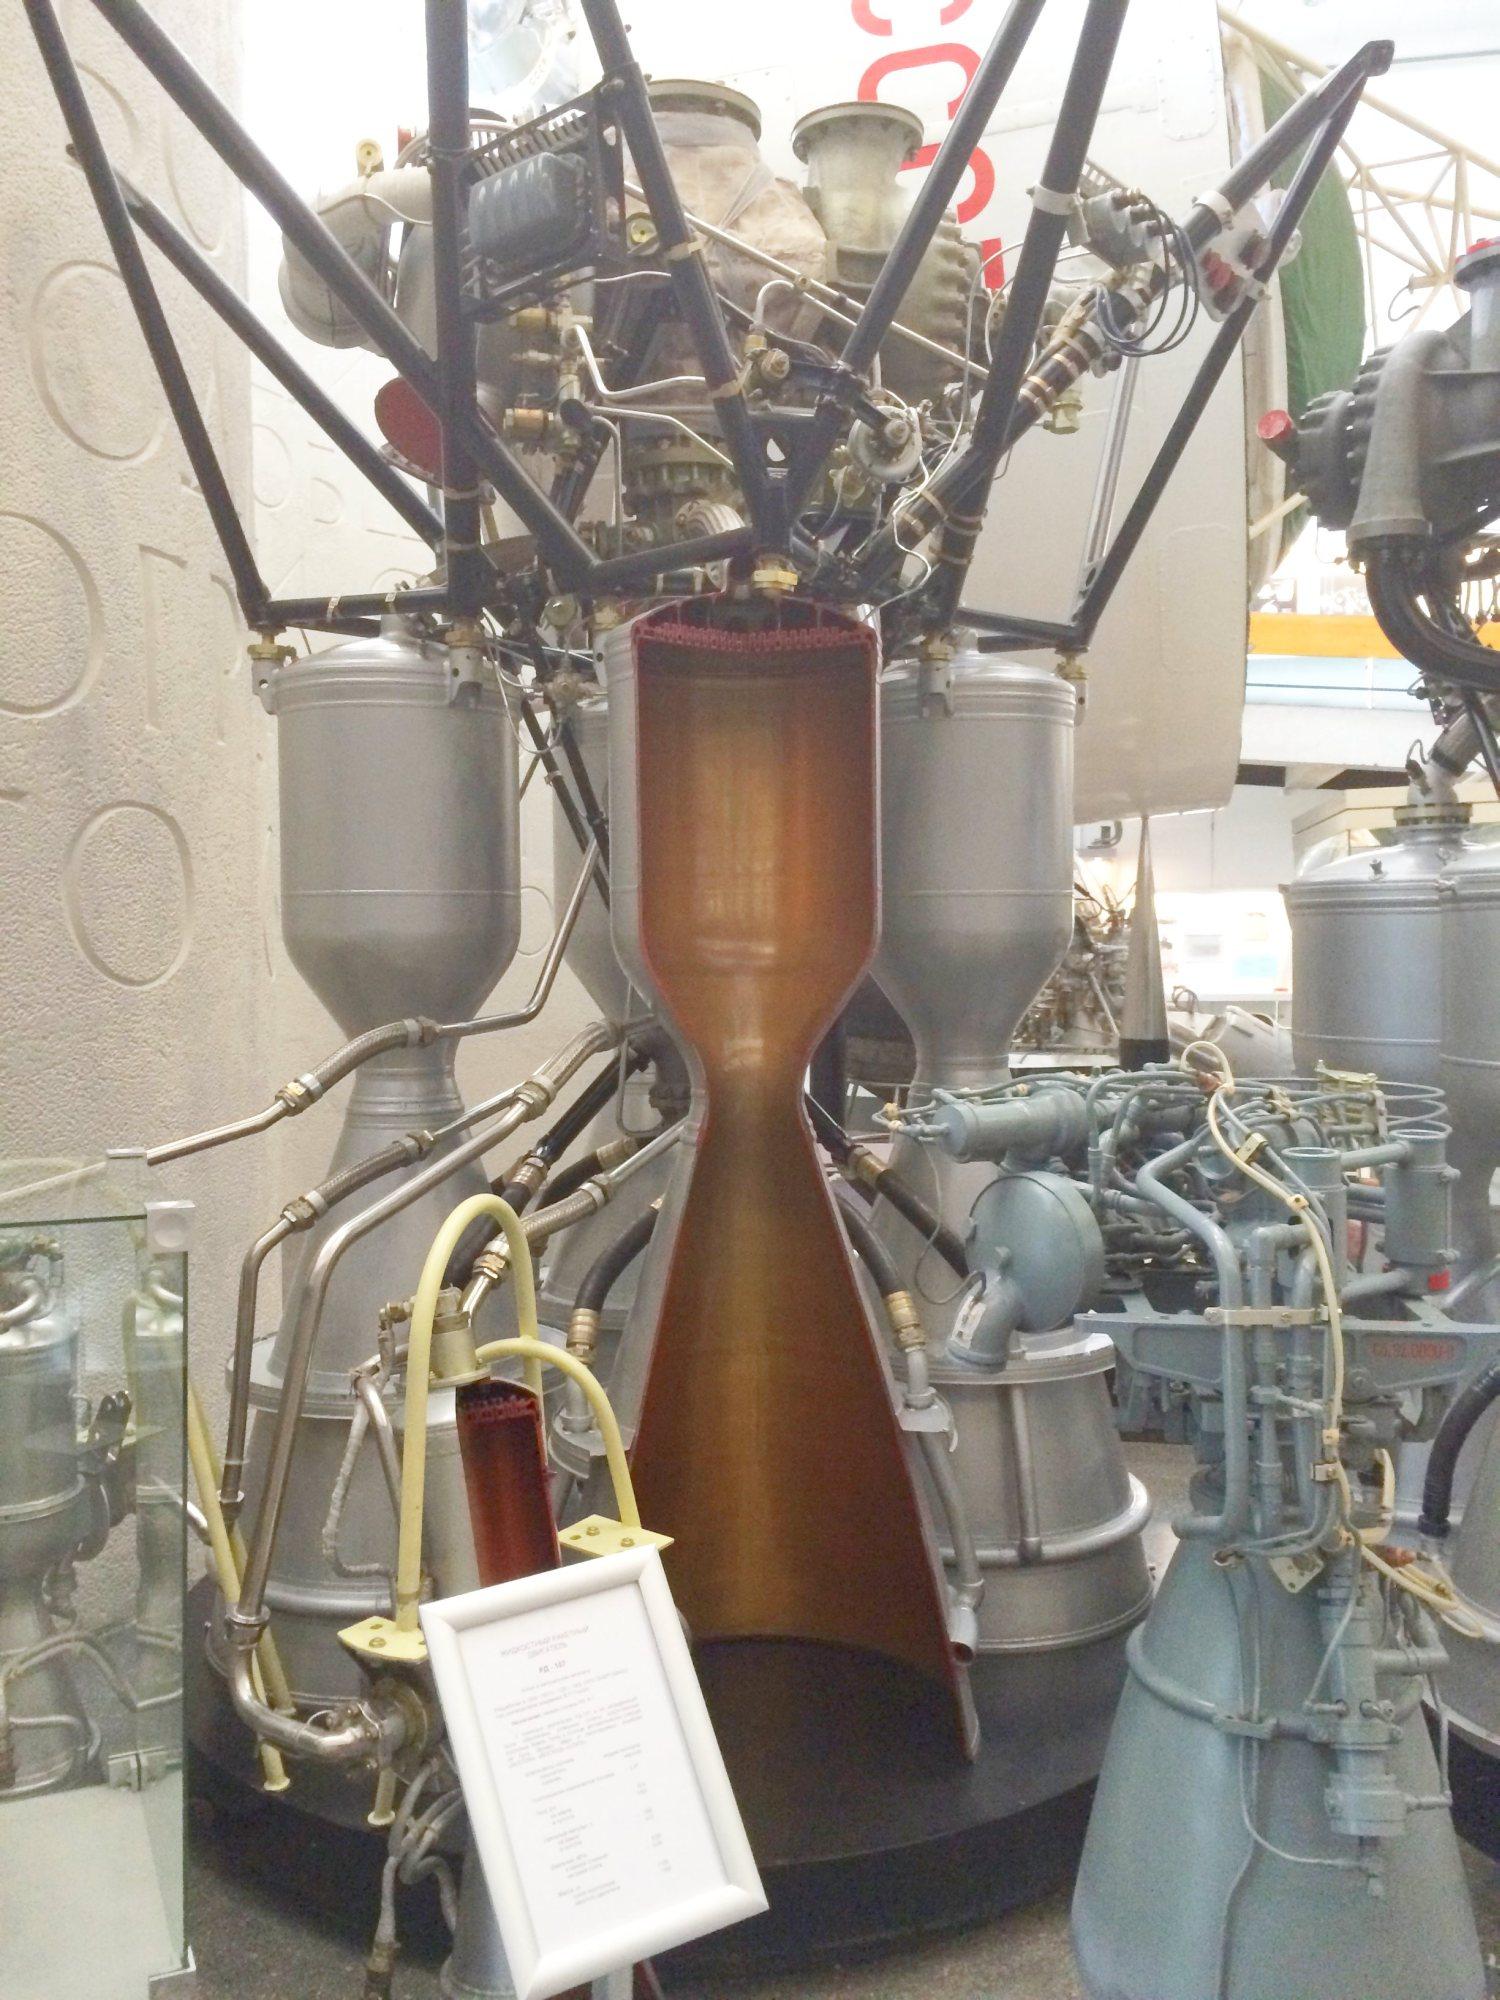 Universal Gas Constant De Laval Nozzle Wiki Everipedia